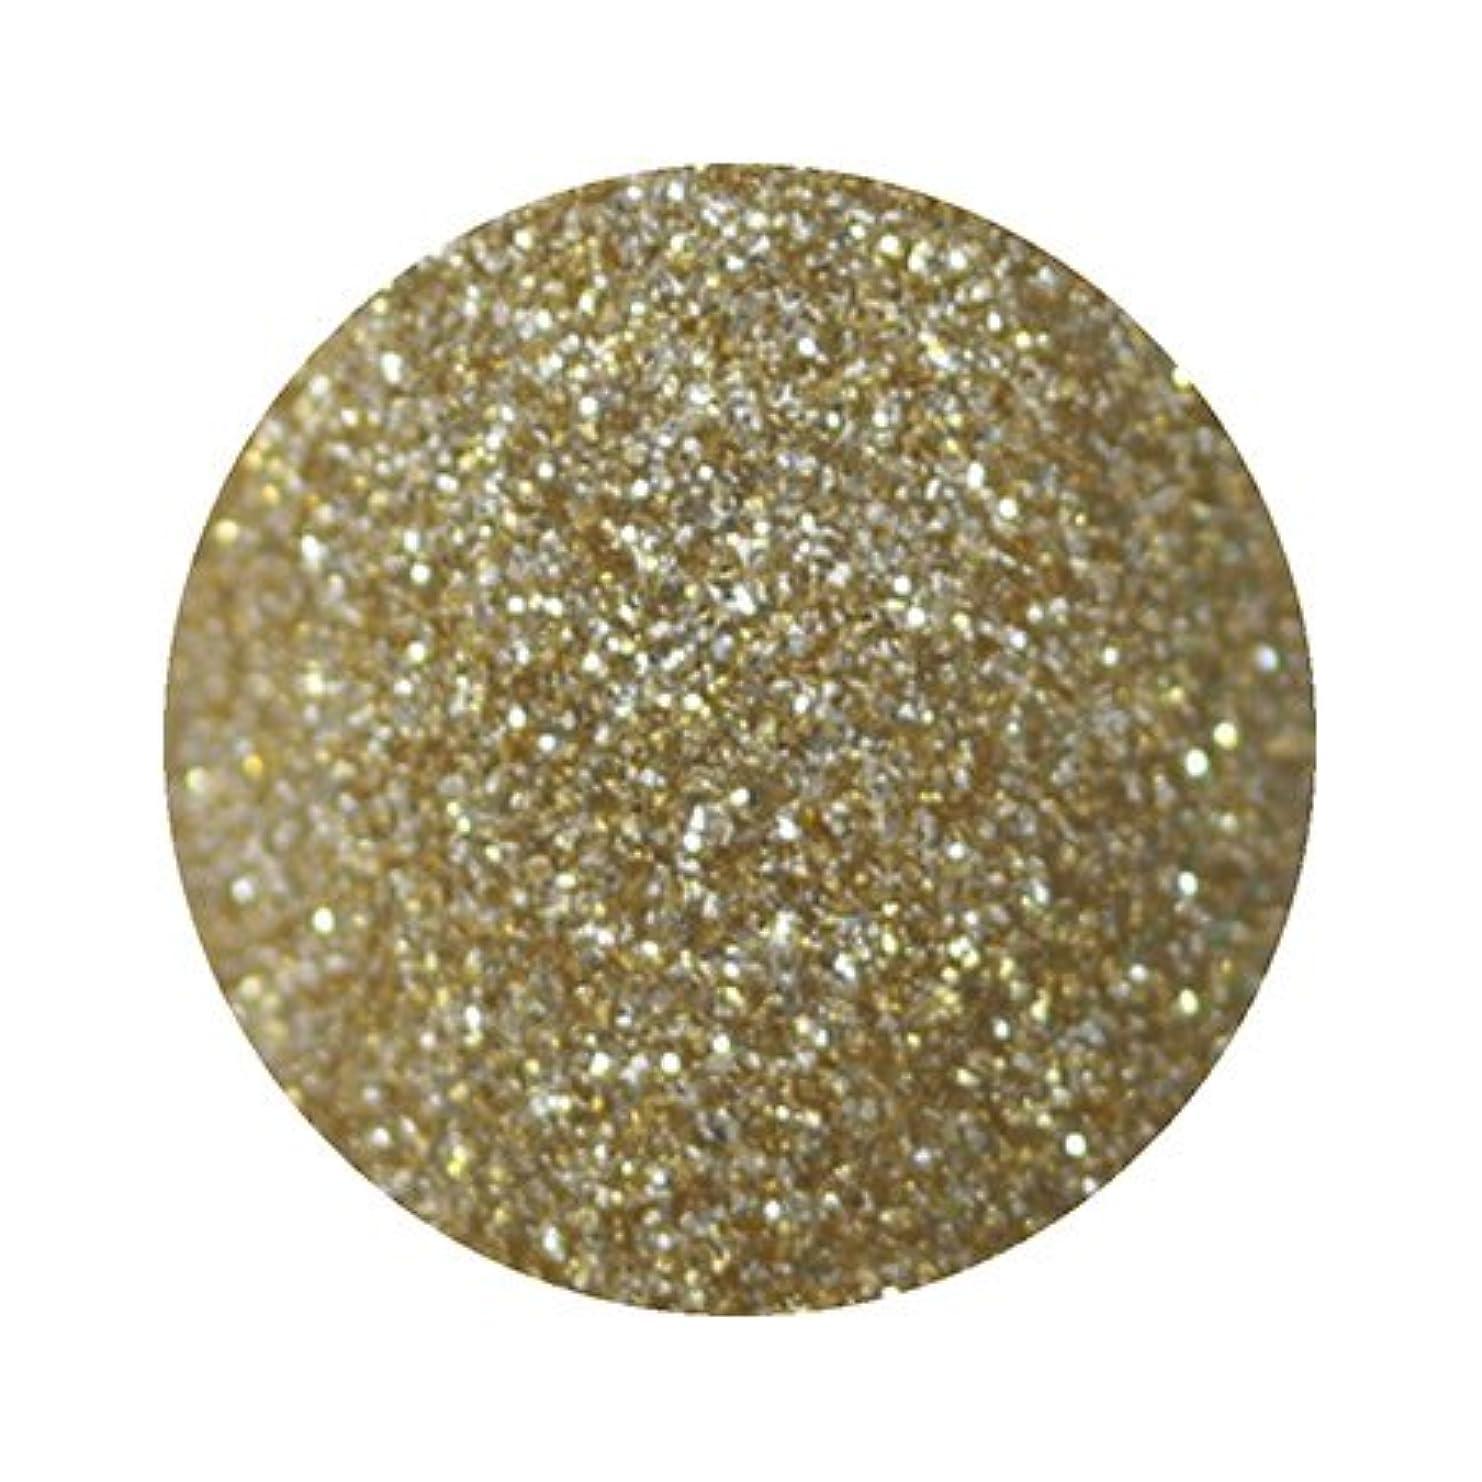 任命衝撃便利さパラポリッシュ ハイブリッドカラージェル GOLD(ゴールド) 7g